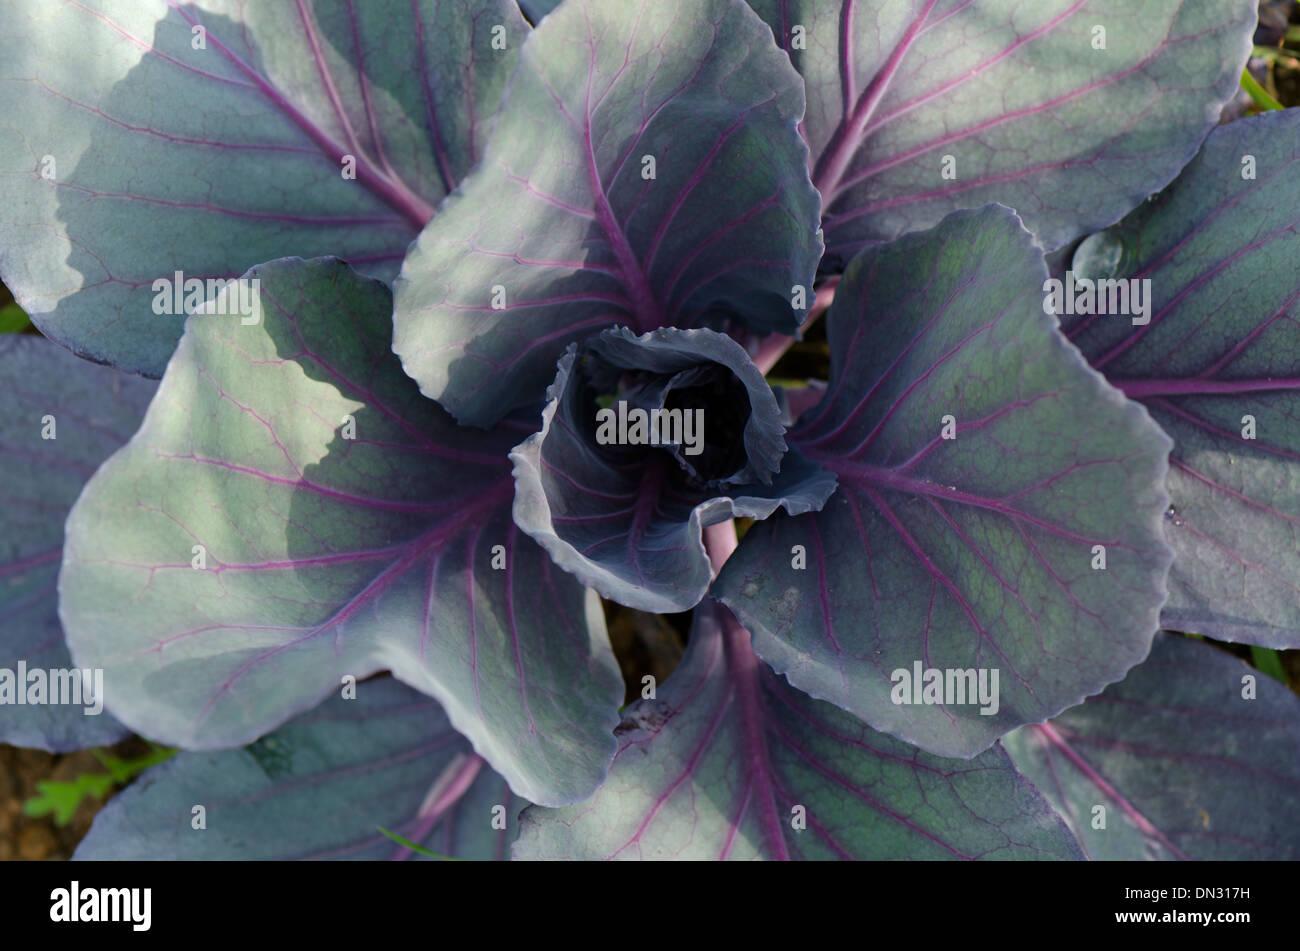 Cavolo rosso, Brassica oleracea var. capitata f. rubra, crescendo in un orto. Immagini Stock